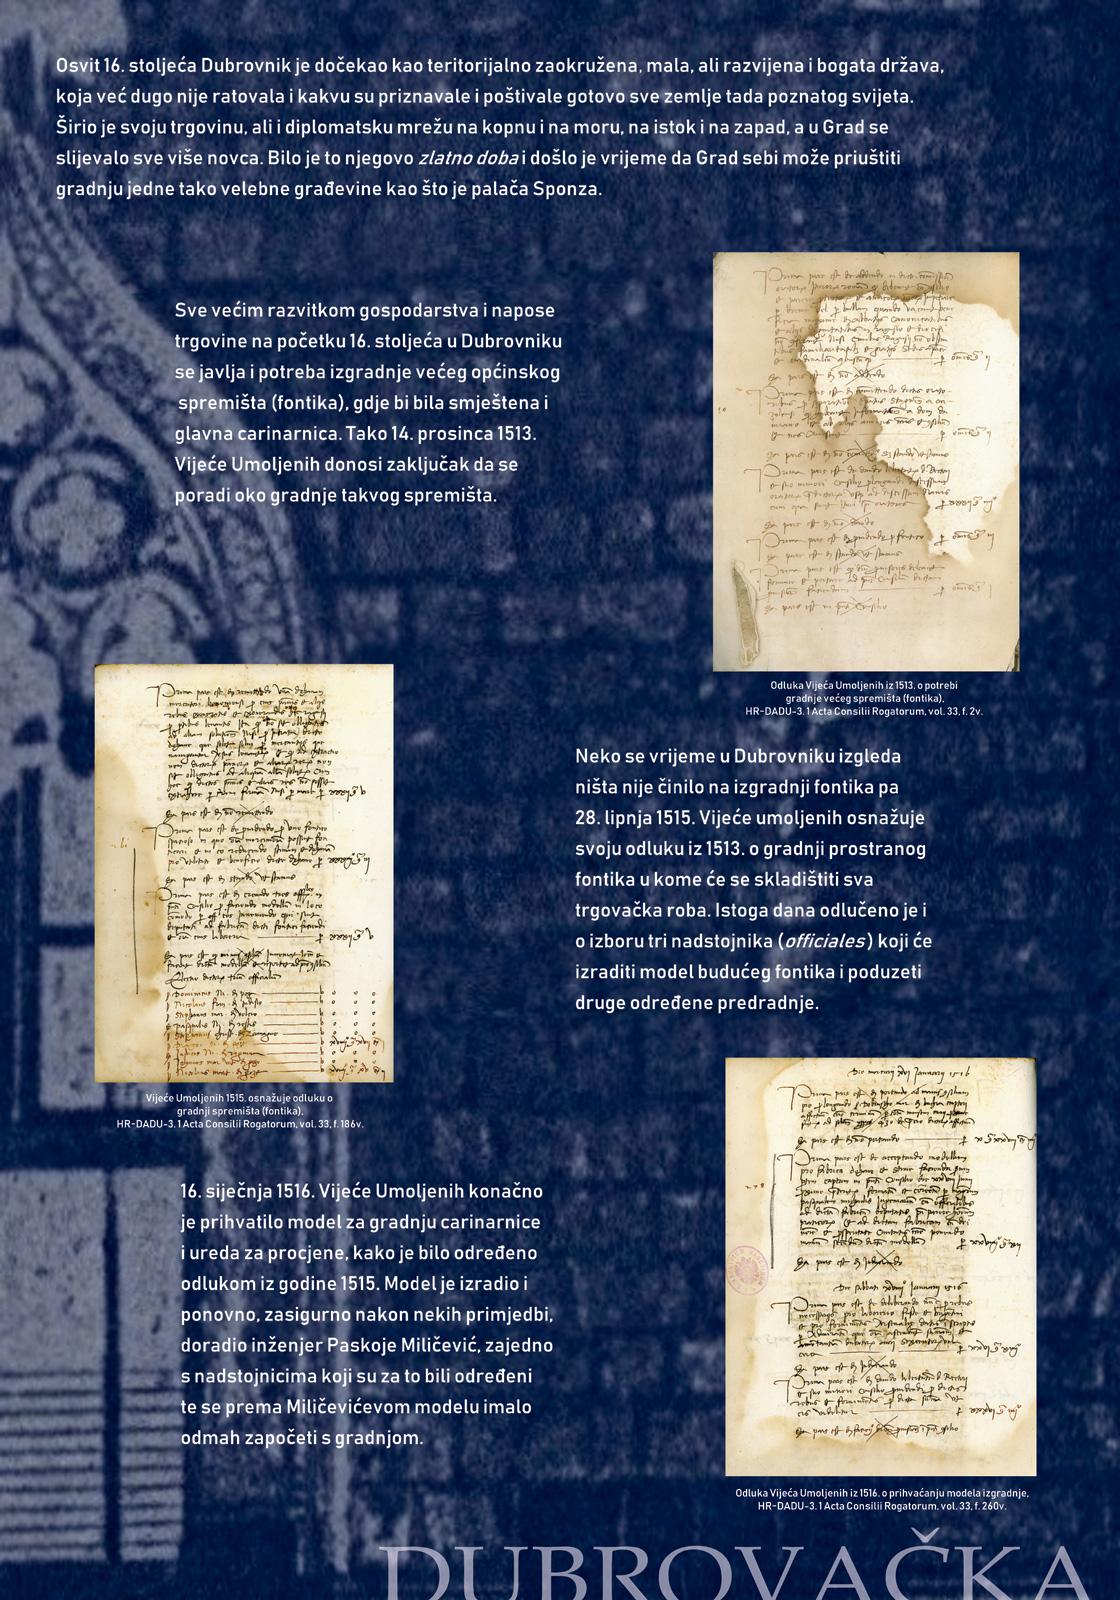 Panel sa izložbe koji prikazuje dokumente iz doba Dubrovačke Republike vezane uz Sponzu